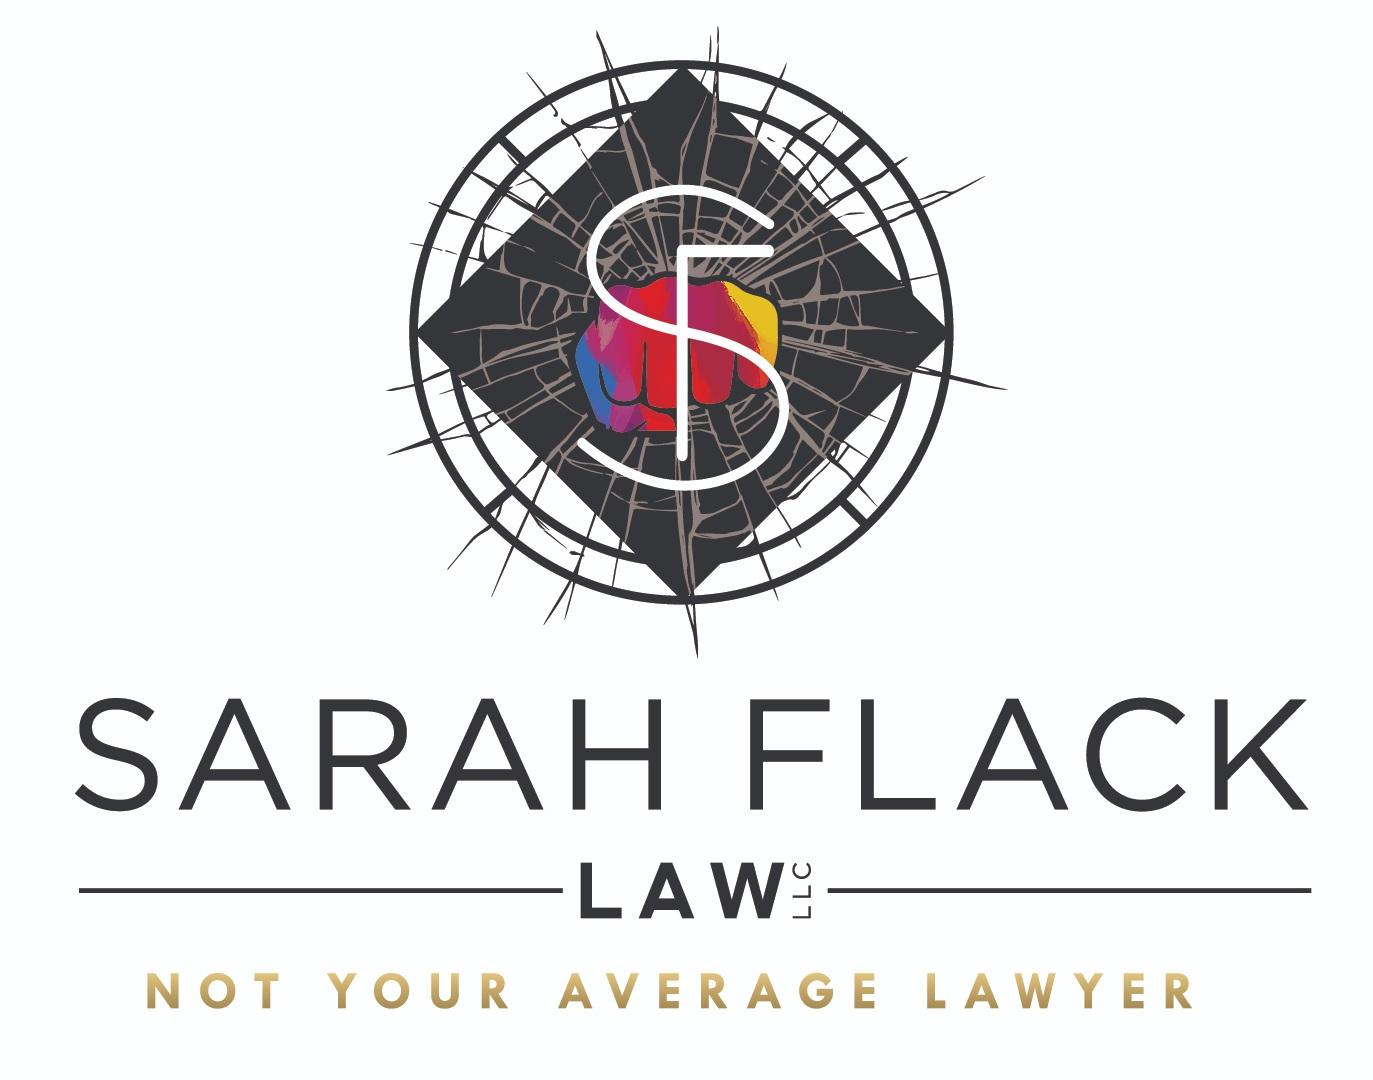 Sarah+Flack+Law+NEW+logo+gold+tagline-01.jpg